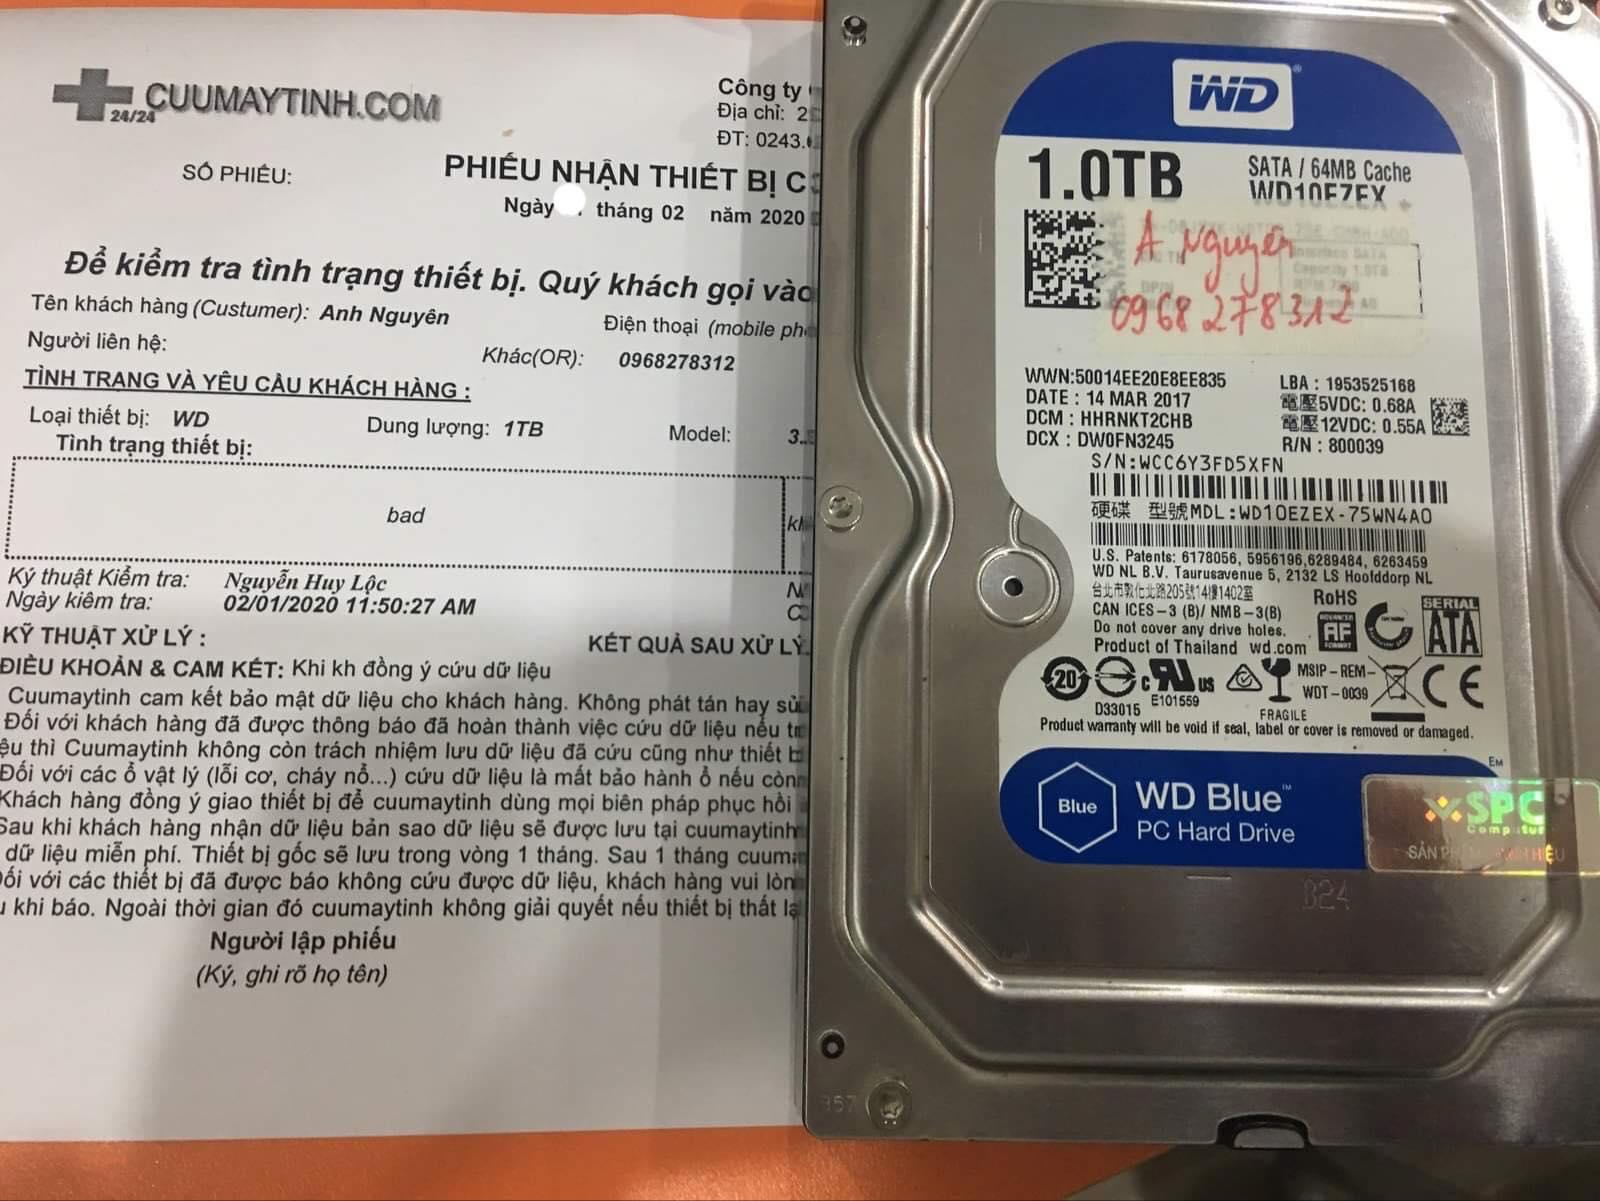 Phục hồi dữ liệu ổ cứng Western 1TB bad 04/02/2020 - cuumaytinh